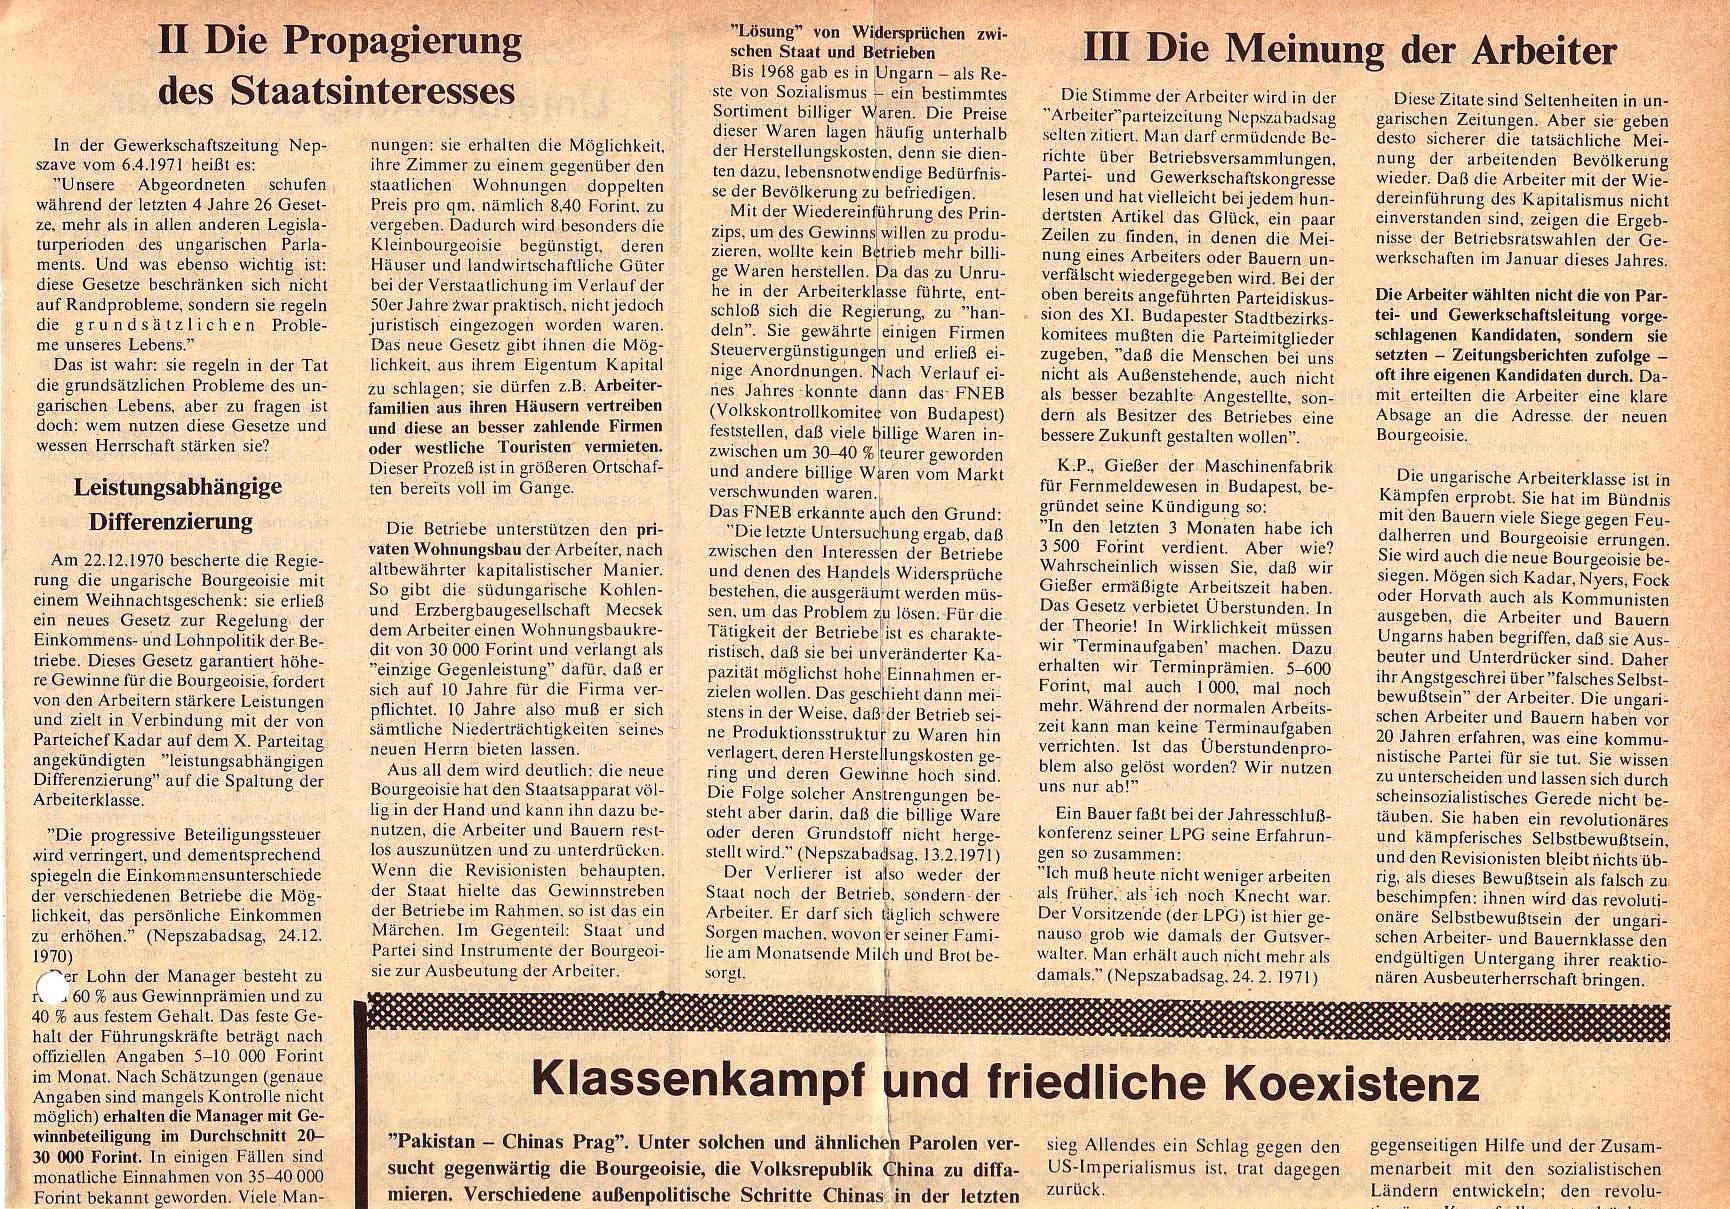 Roter Morgen, 5. Jg., Juni 1971, Nr. 6, Seite 7a